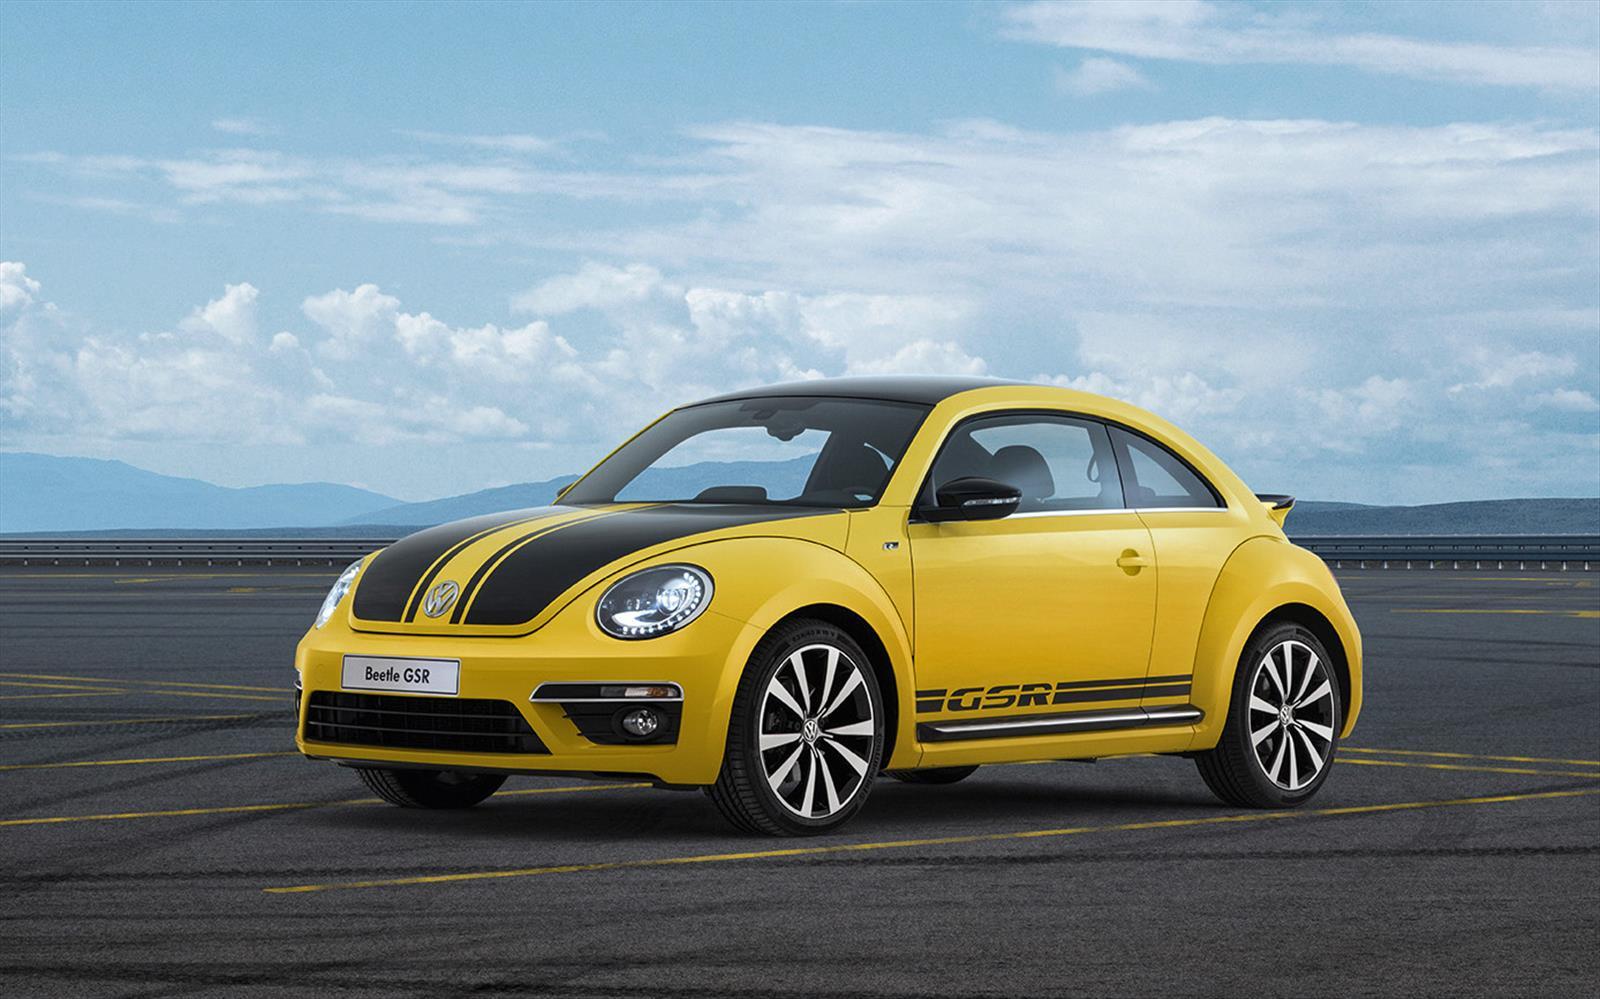 Volkswagen Beetle Gsr 2013 Front Front Seat Driver